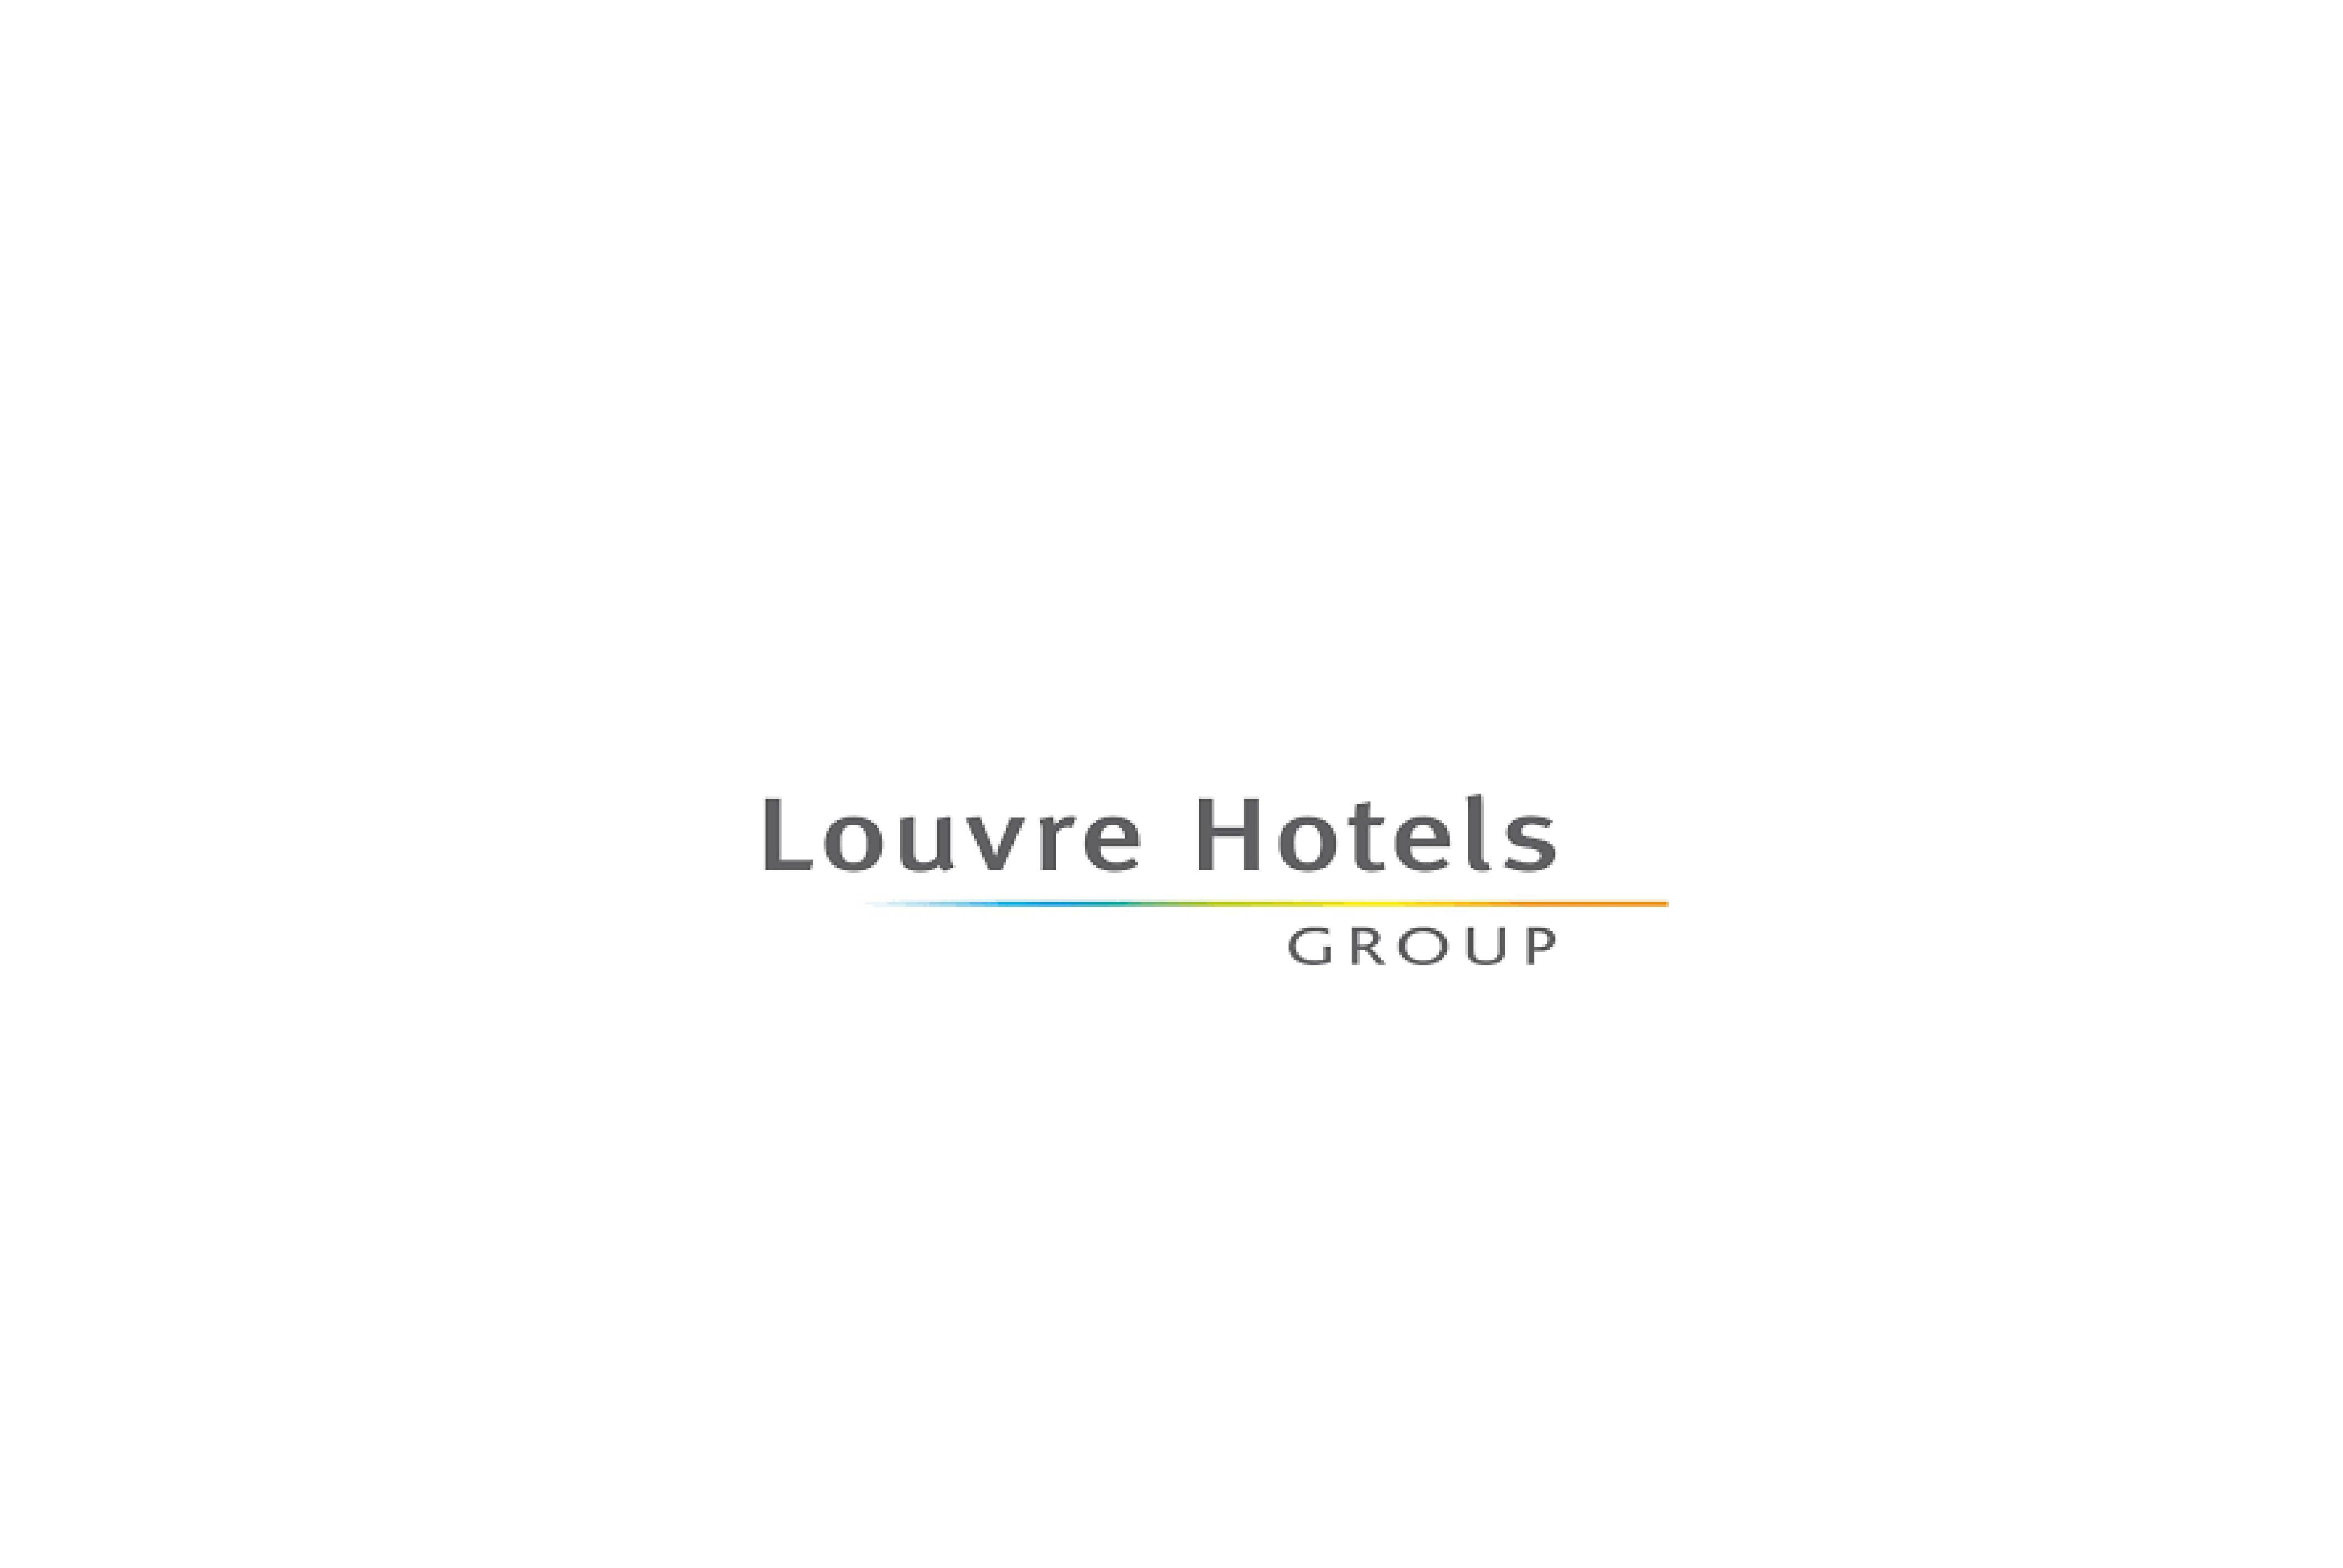 template-images-blog-couverture_sebastien bordier - louvre hotel-01